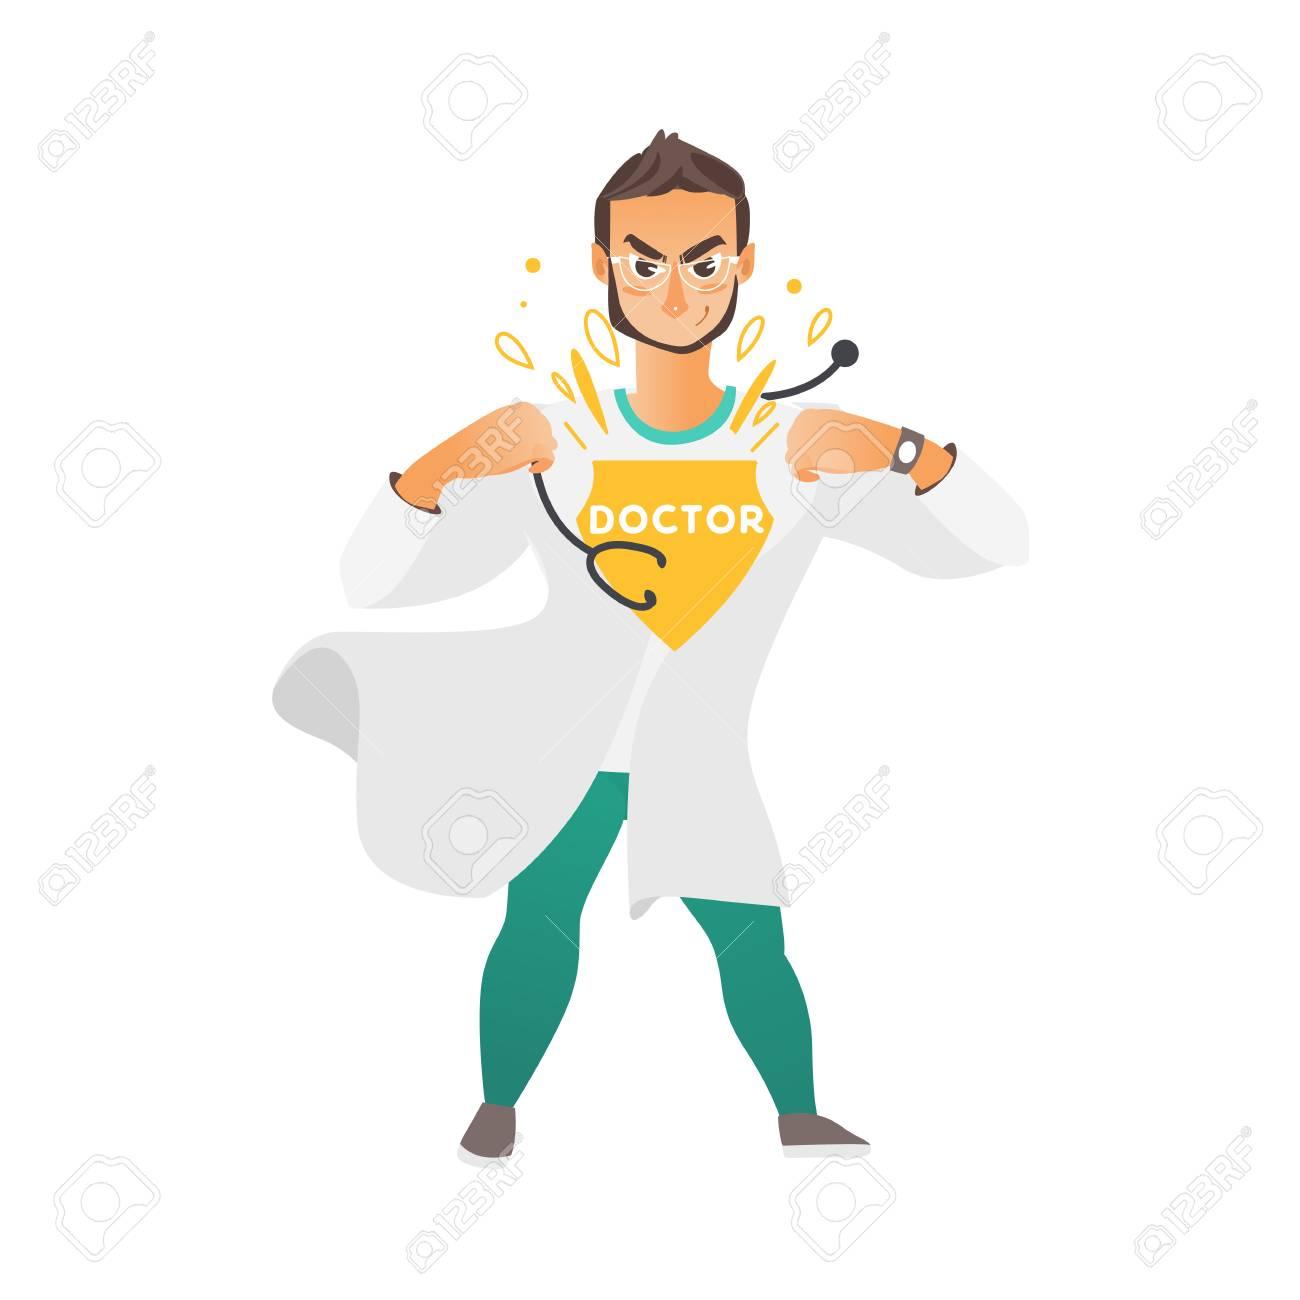 Vecteur De Dessin Animé Plat Jeune Mâle Super Docteur Beau Médecin En Vêtements Médicaux Robe Blanche Et Lunettes Souriant Illustration Isolée Sur